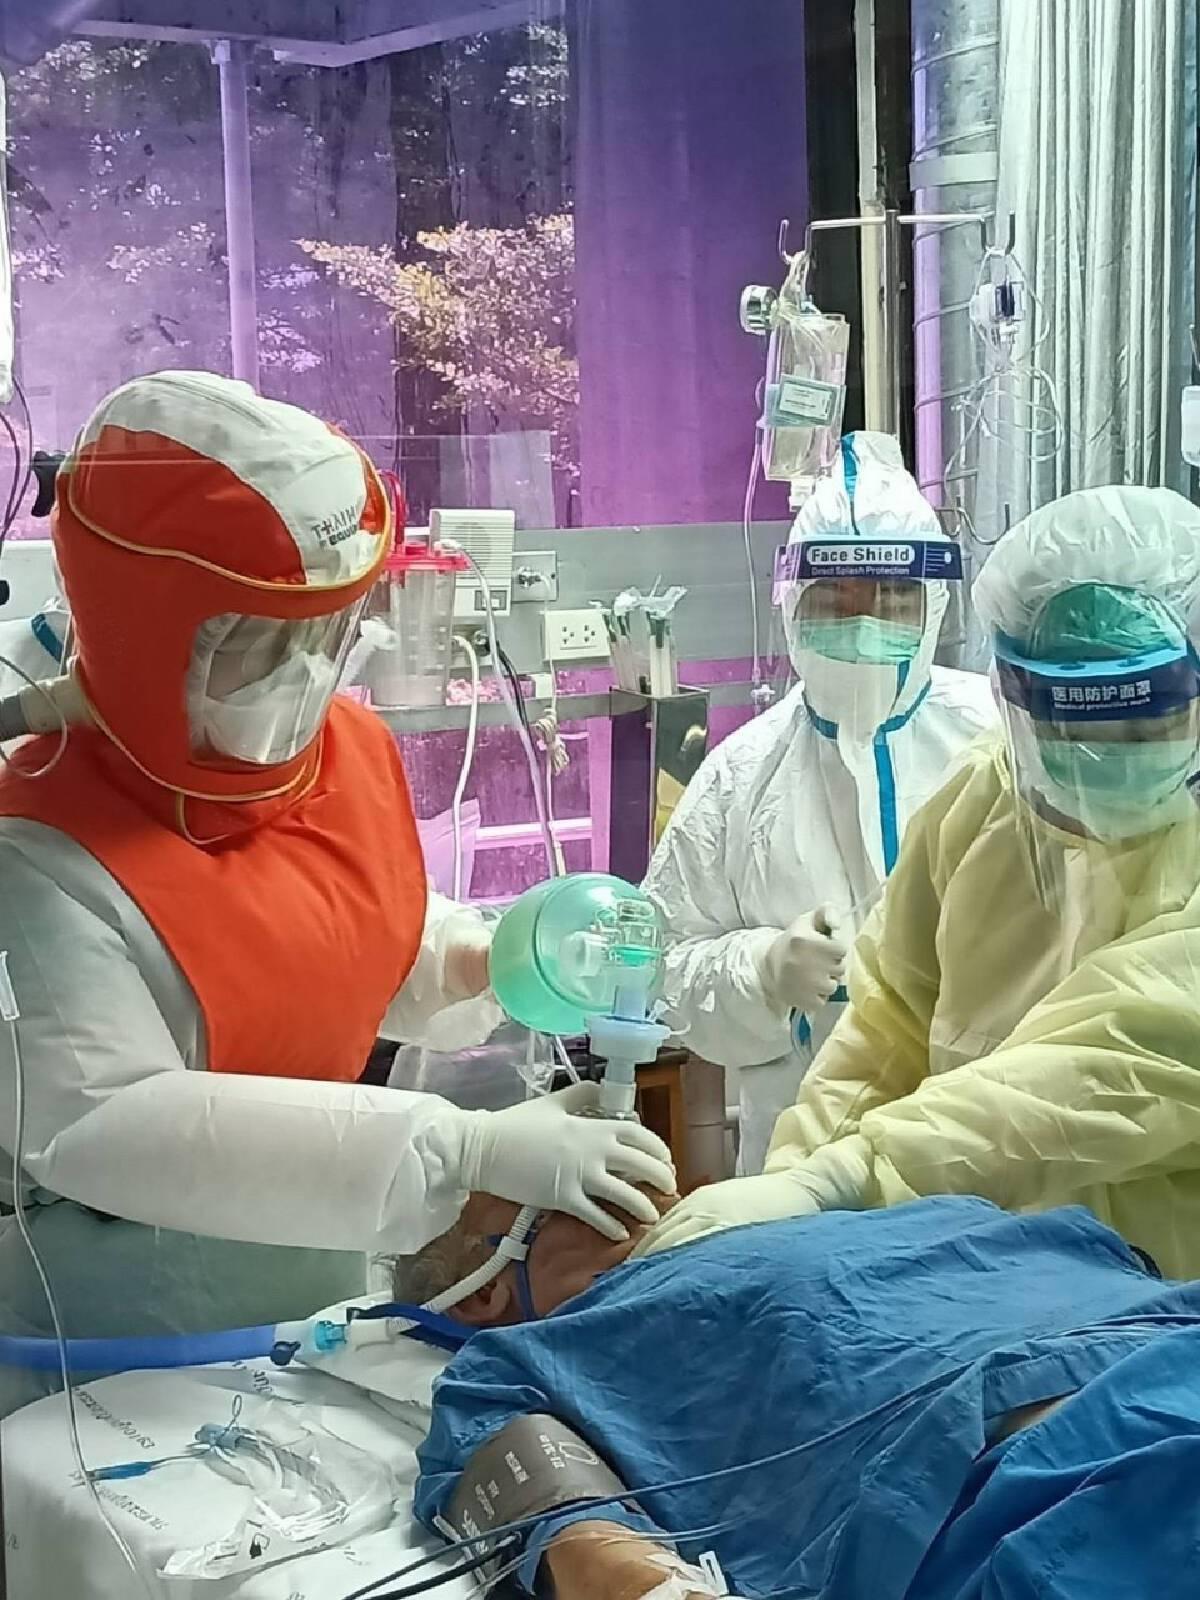 ในหลวงและพระบรมวงศานุวงศ์ พระราชทานอุปกรณ์การแพทย์และอาหาร